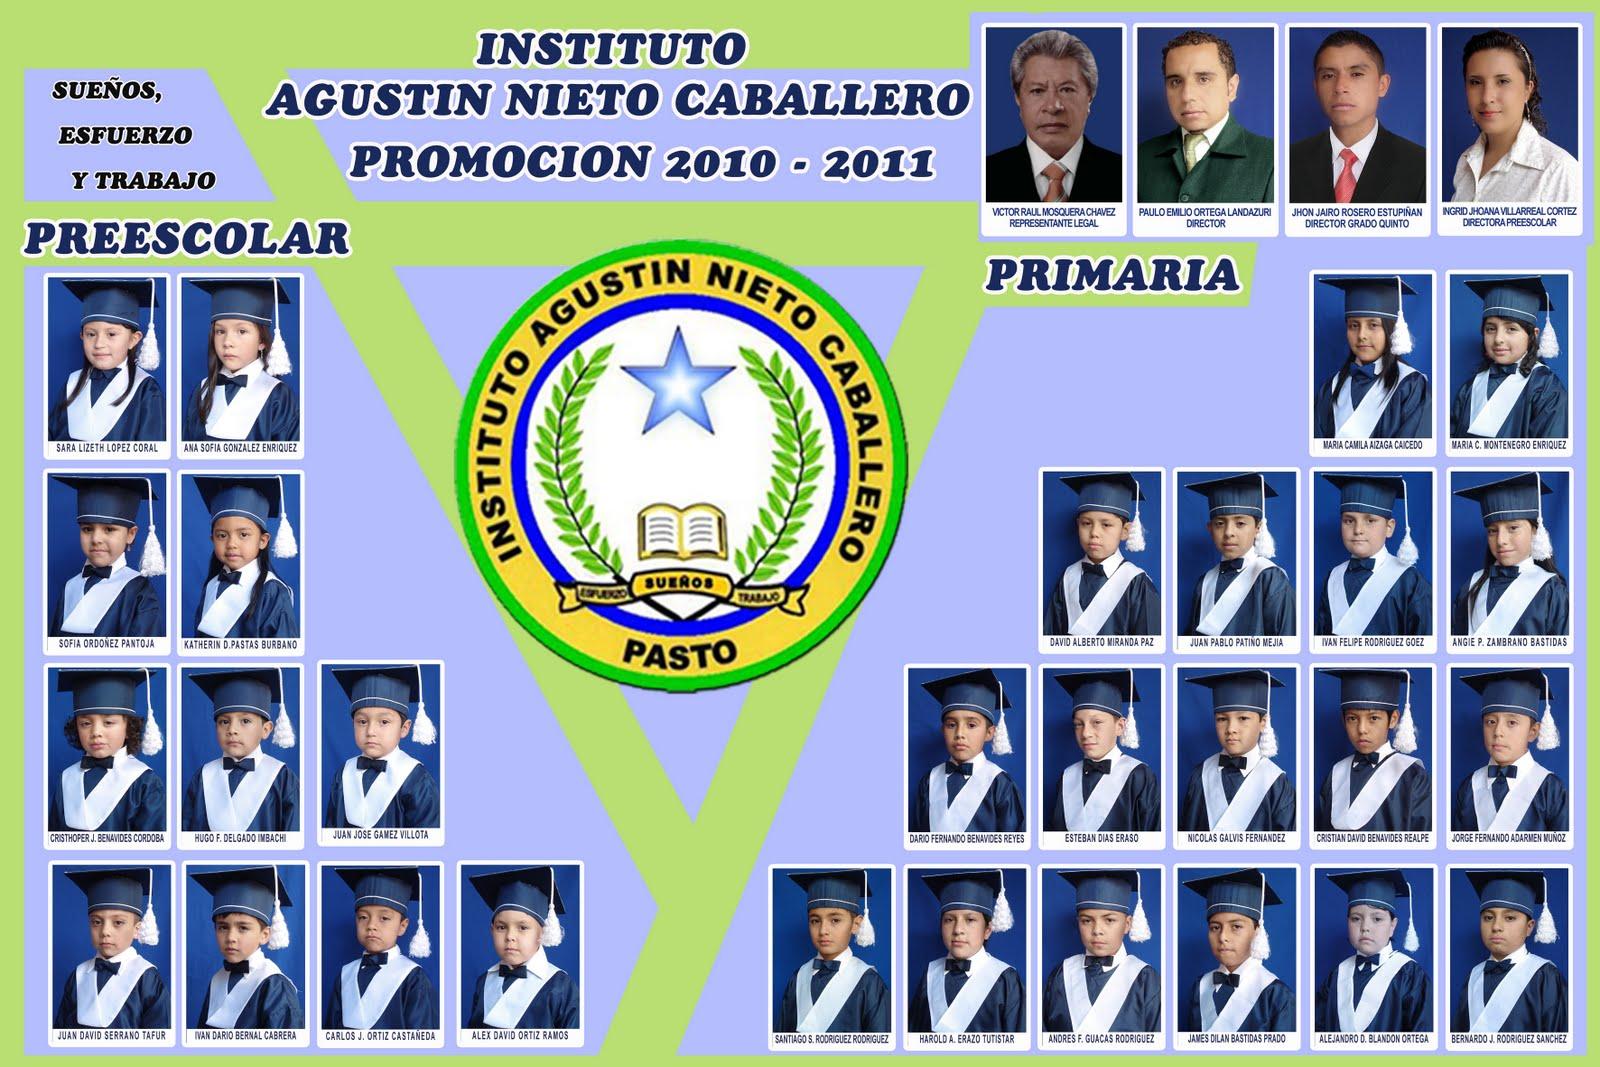 Resultado de imagen para IMAGENES DE LA INSTITUCIÒN EDUCATIVA AGUSTIN NIETO